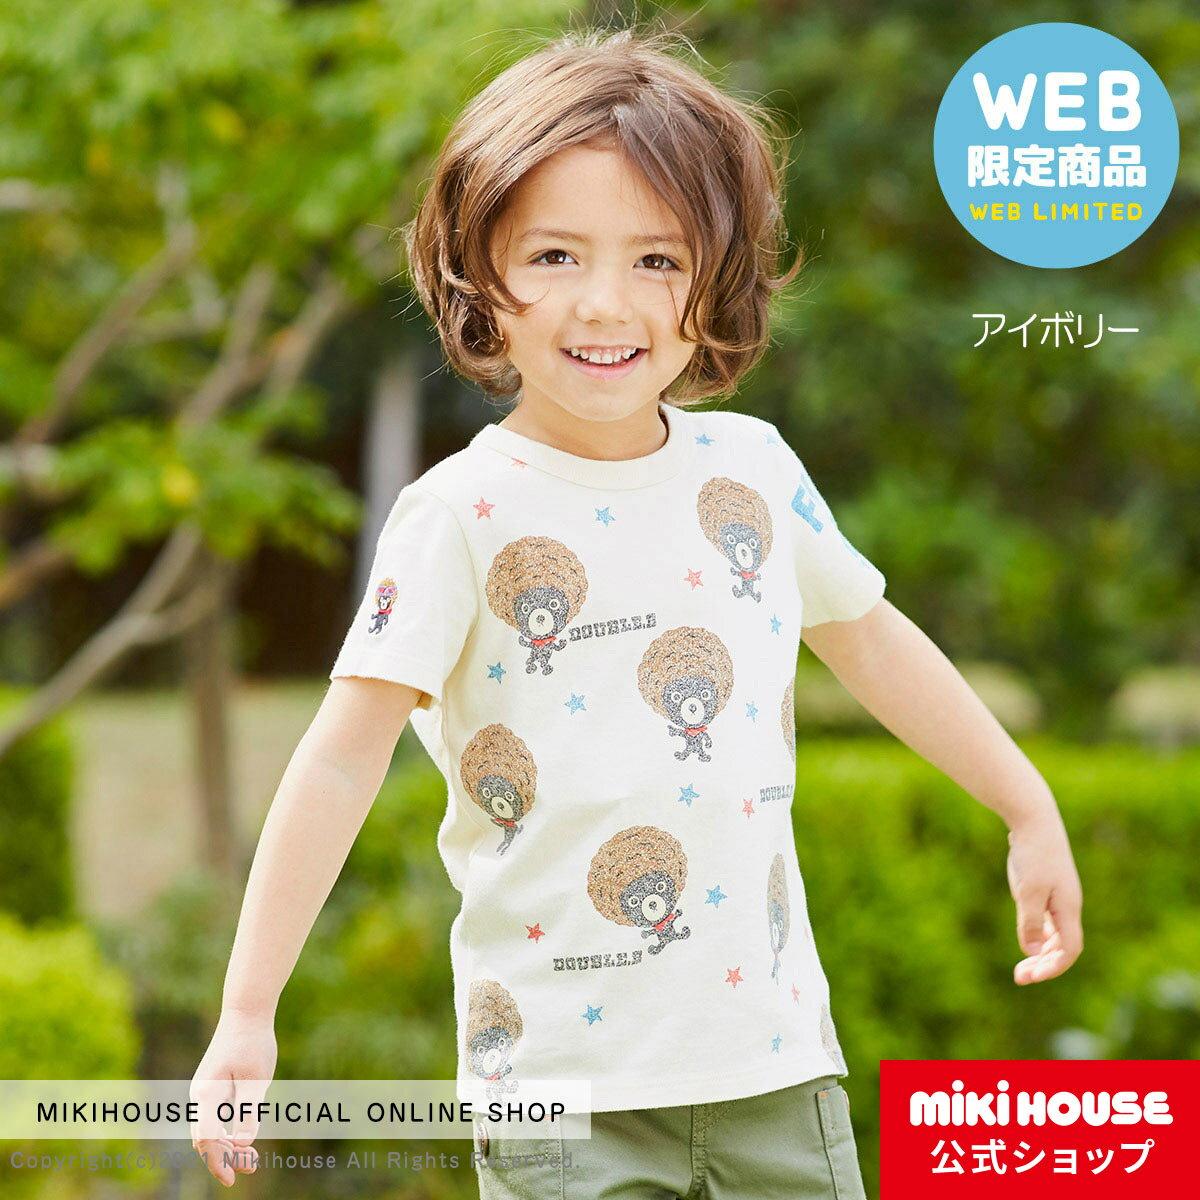 ミキハウス ダブルビー mikihouse 【WEB LIMITED】Tシャツ(80cm-130cm)